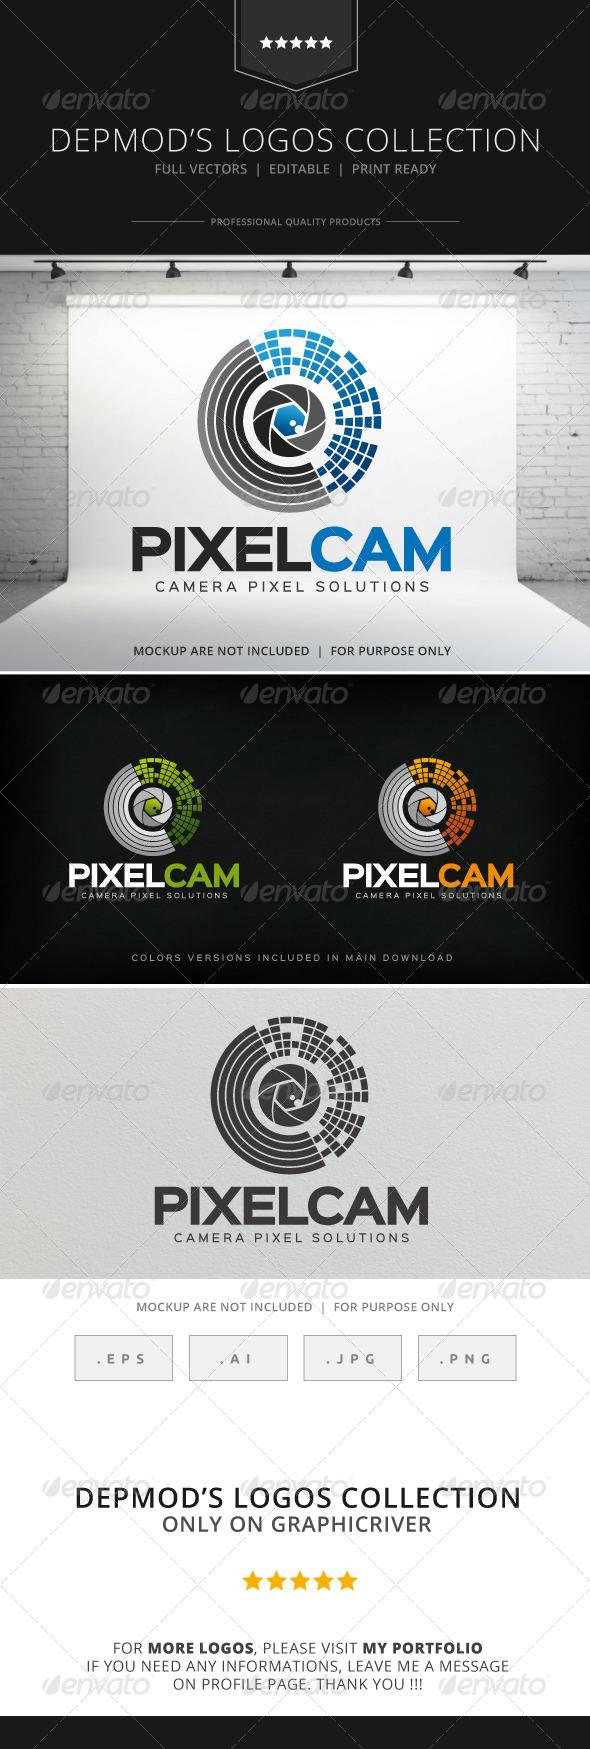 GraphicRiver Pixel Cam Logo 8318593